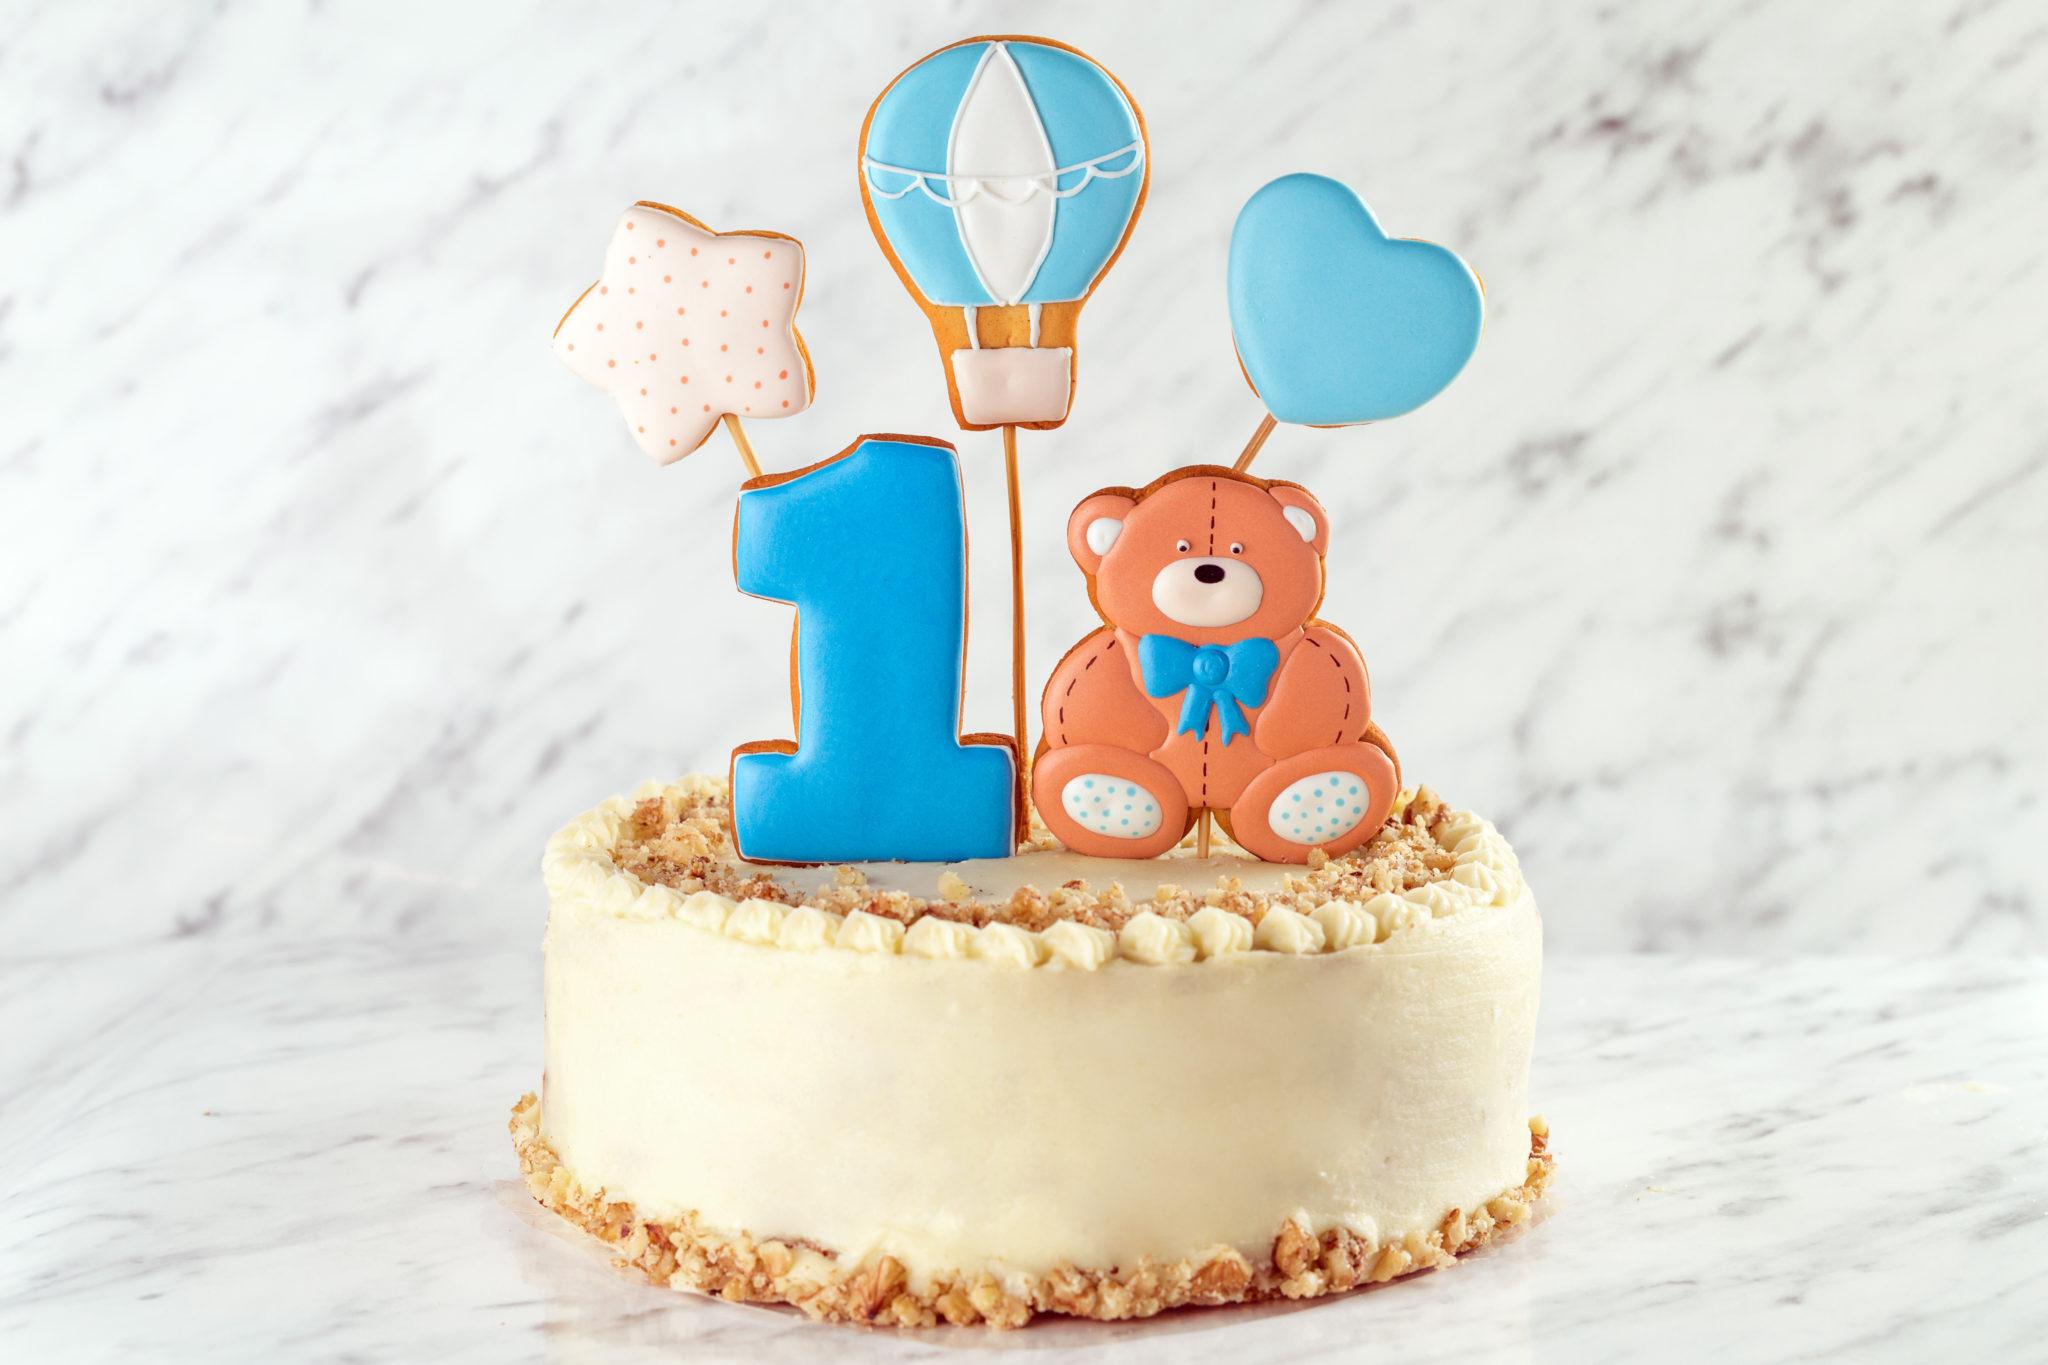 картинка для торта на годик